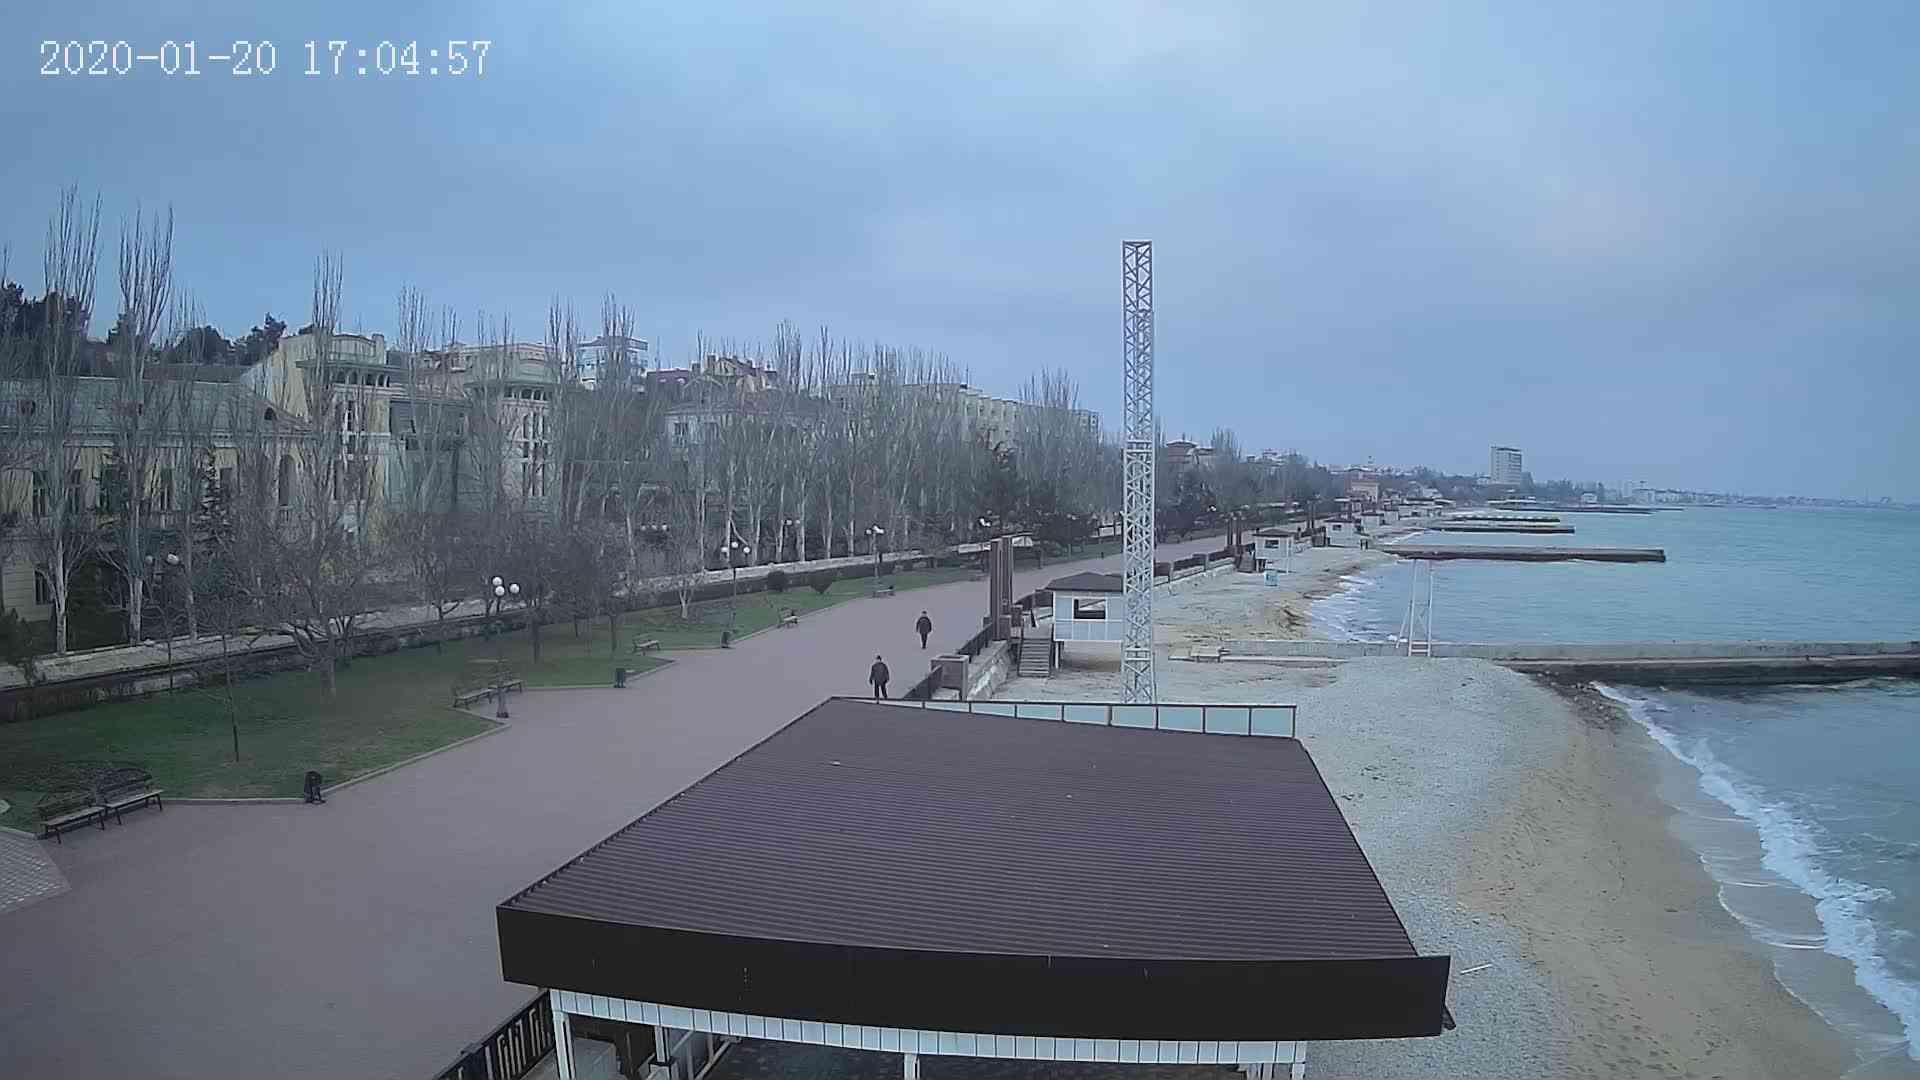 Веб-камеры Феодосии, Пляж Камешки, 2020-01-20 17:05:21